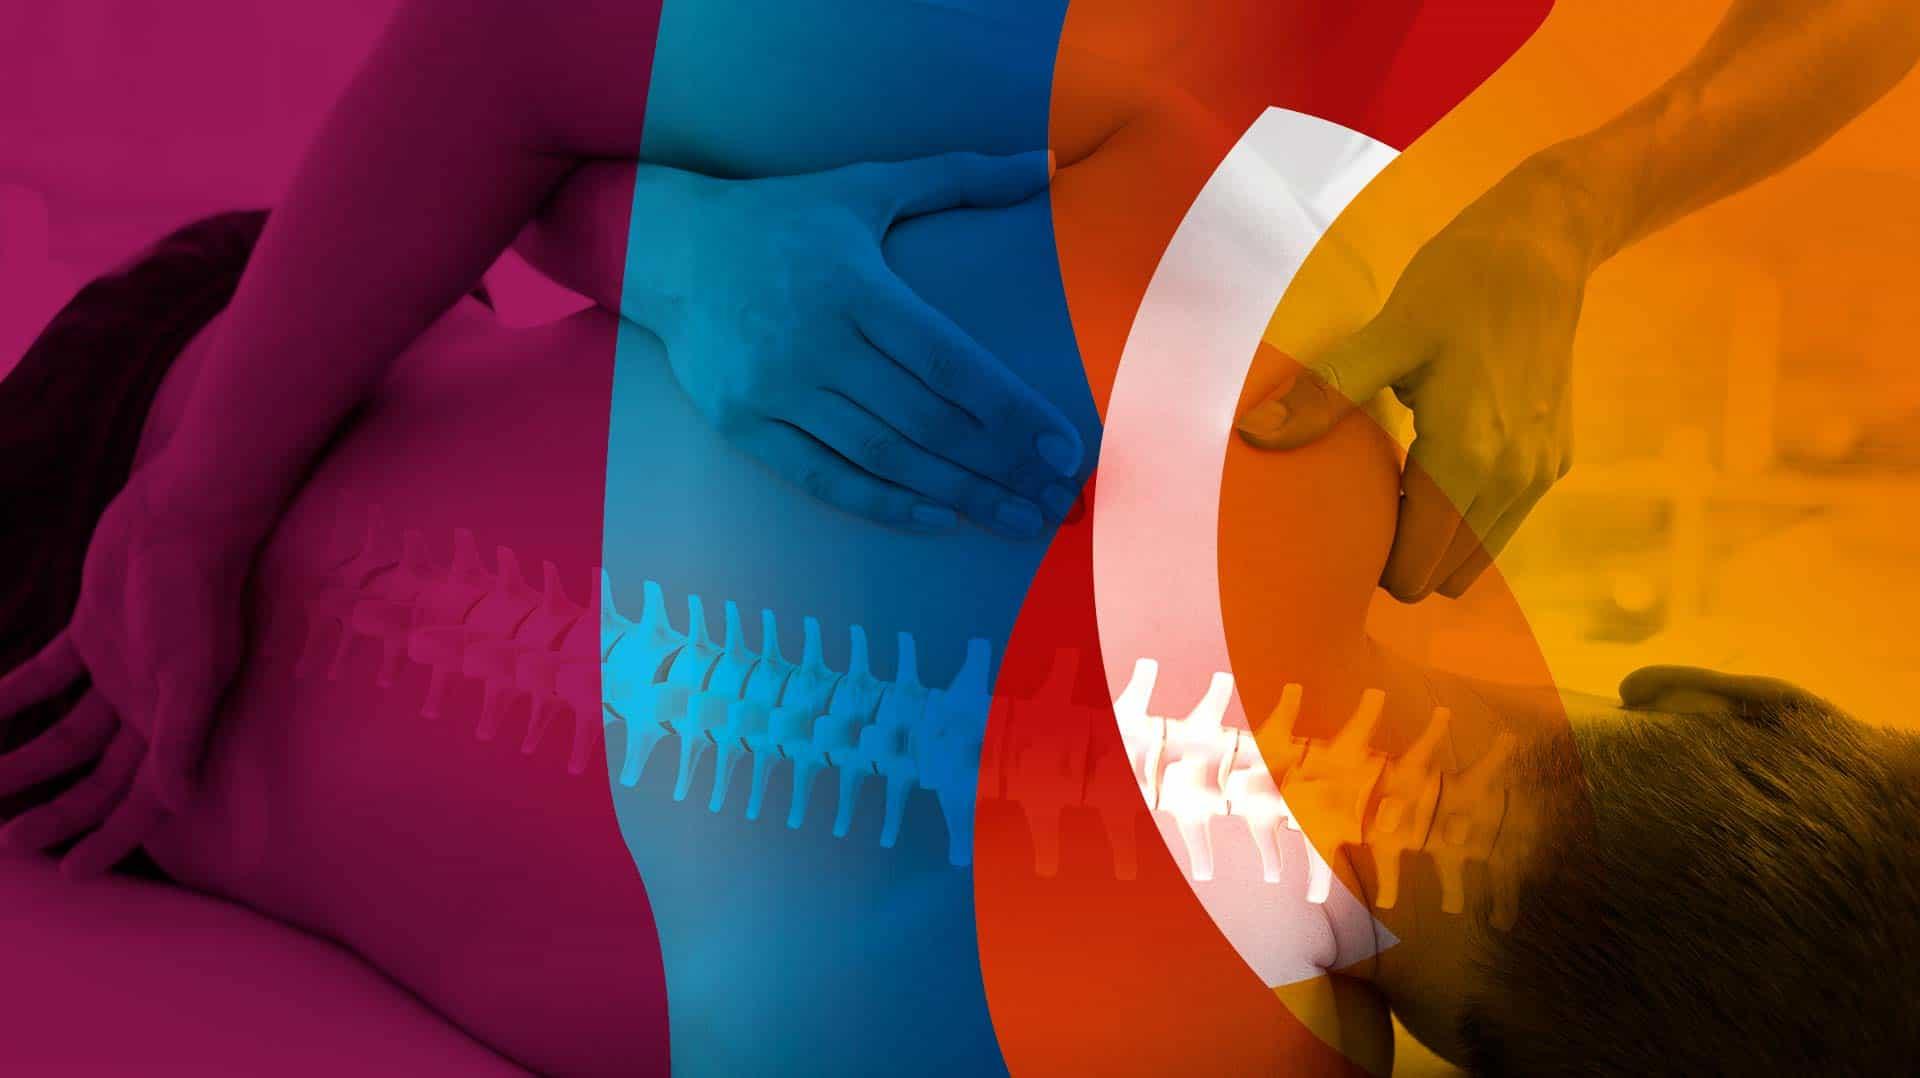 Approccio multiterapeutico Osteoclinic: fisioterapia, osteopatia e yoga terapeutico